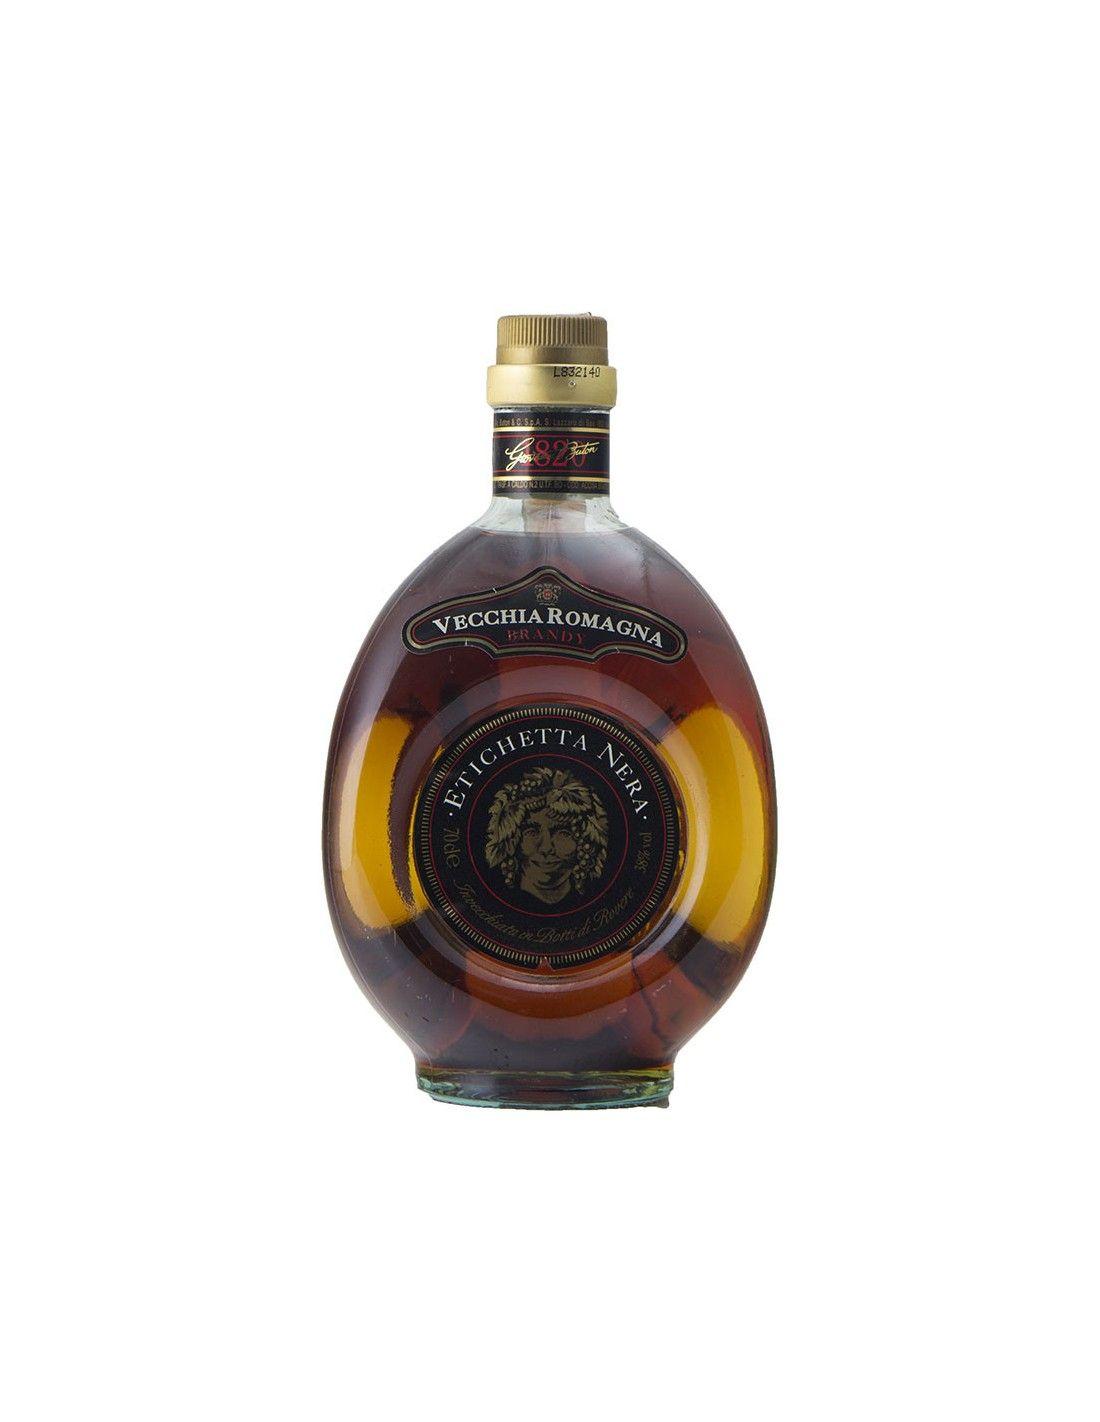 BRANDY ETICHETTA NERA 70 CL NV VECCHIA ROMAGNA Grandi Bottiglie